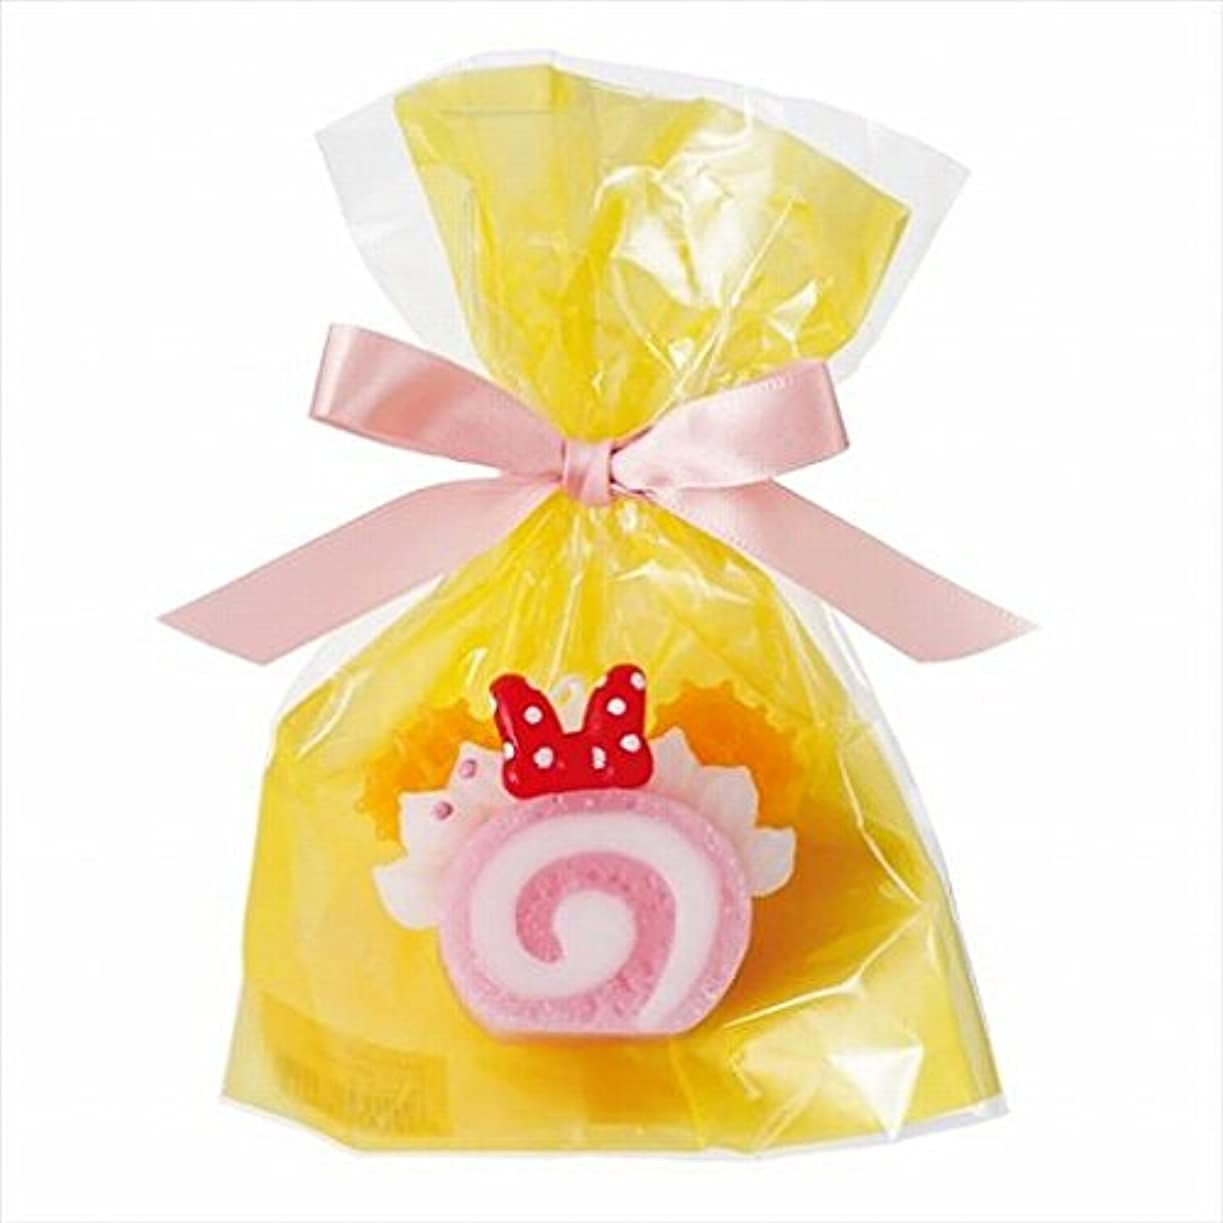 クレアディレイハードリングディズニー( Disney ) ディズニースイーツキャンドル 「 ピンクロールケーキ 」